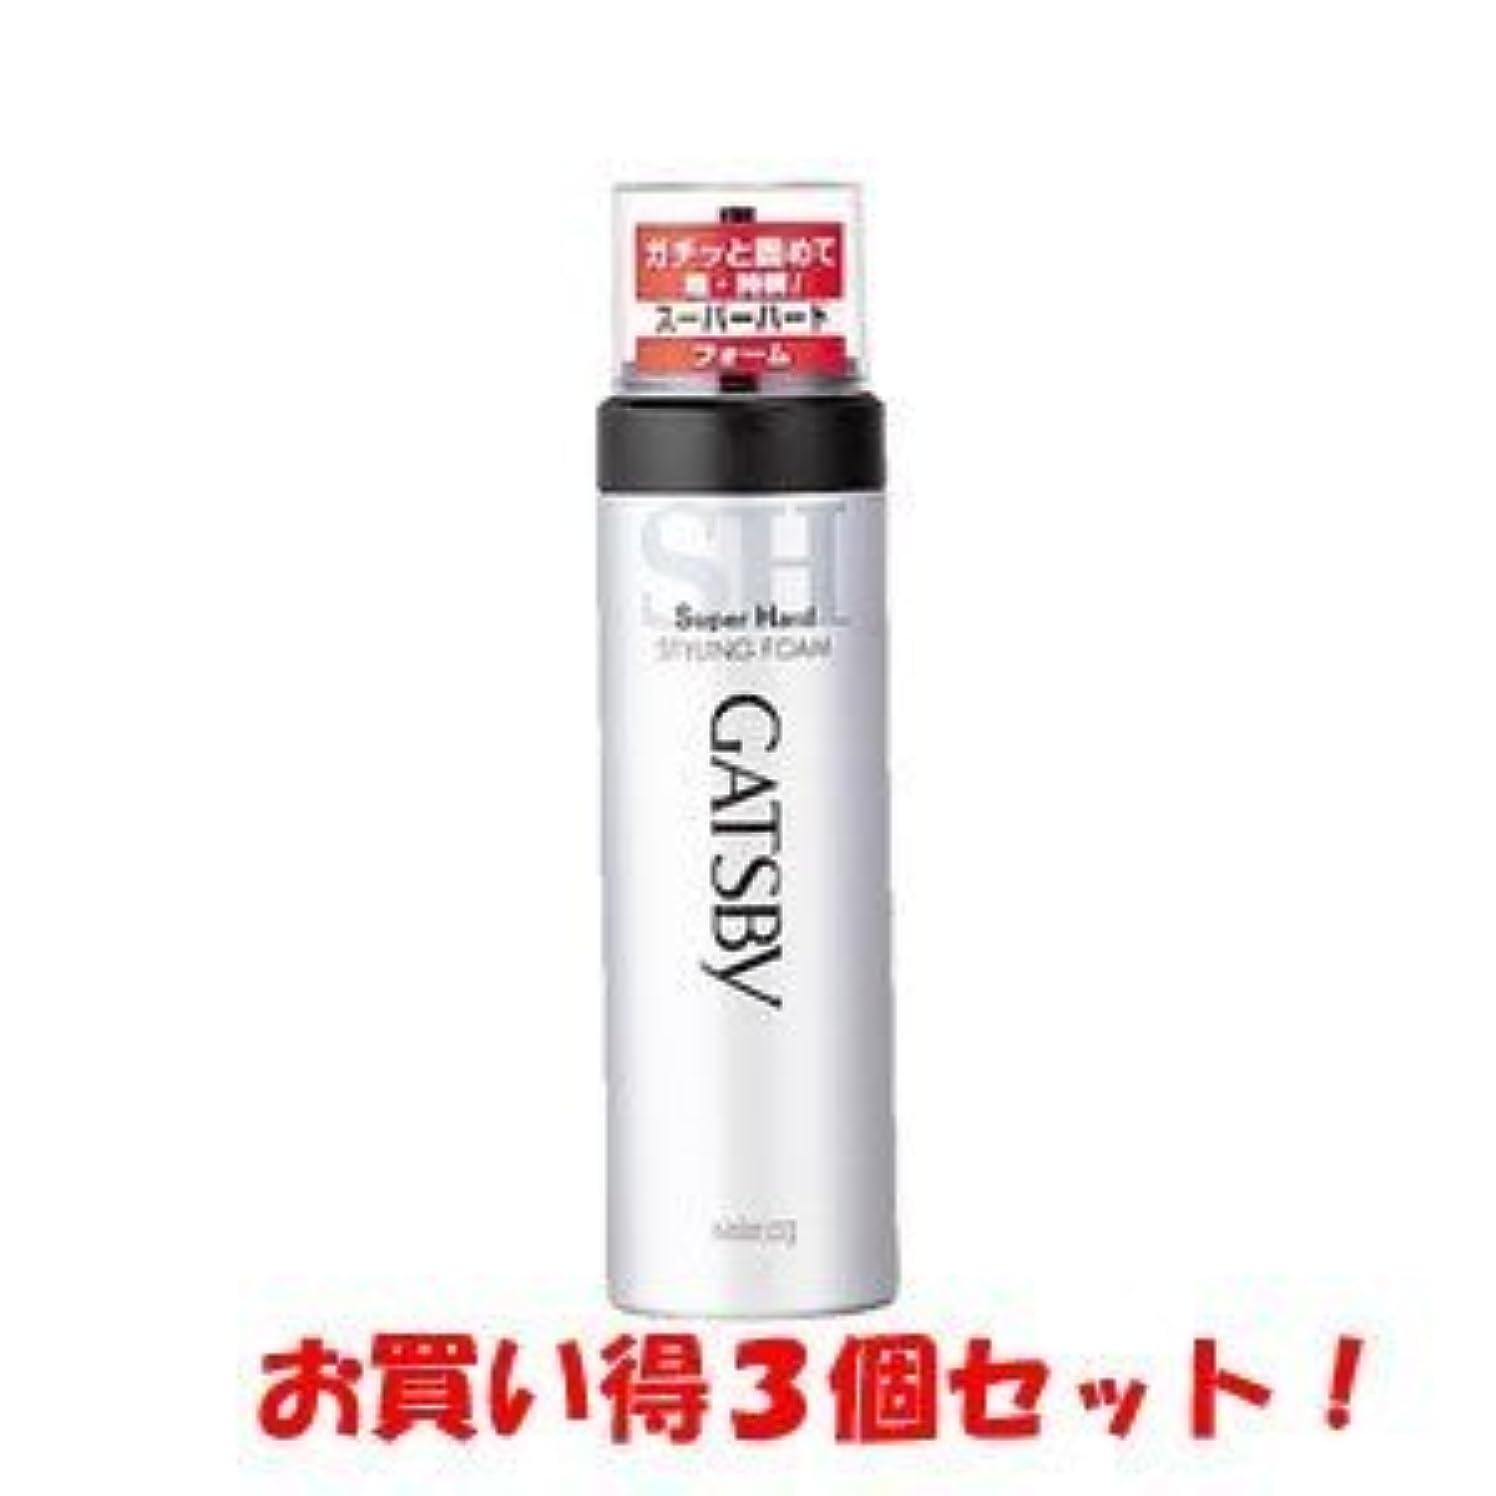 飛び込む言い直す建設ギャツビー【GATSBY】スタイリングフォーム スーパーハード 185g(お買い得3個セット)